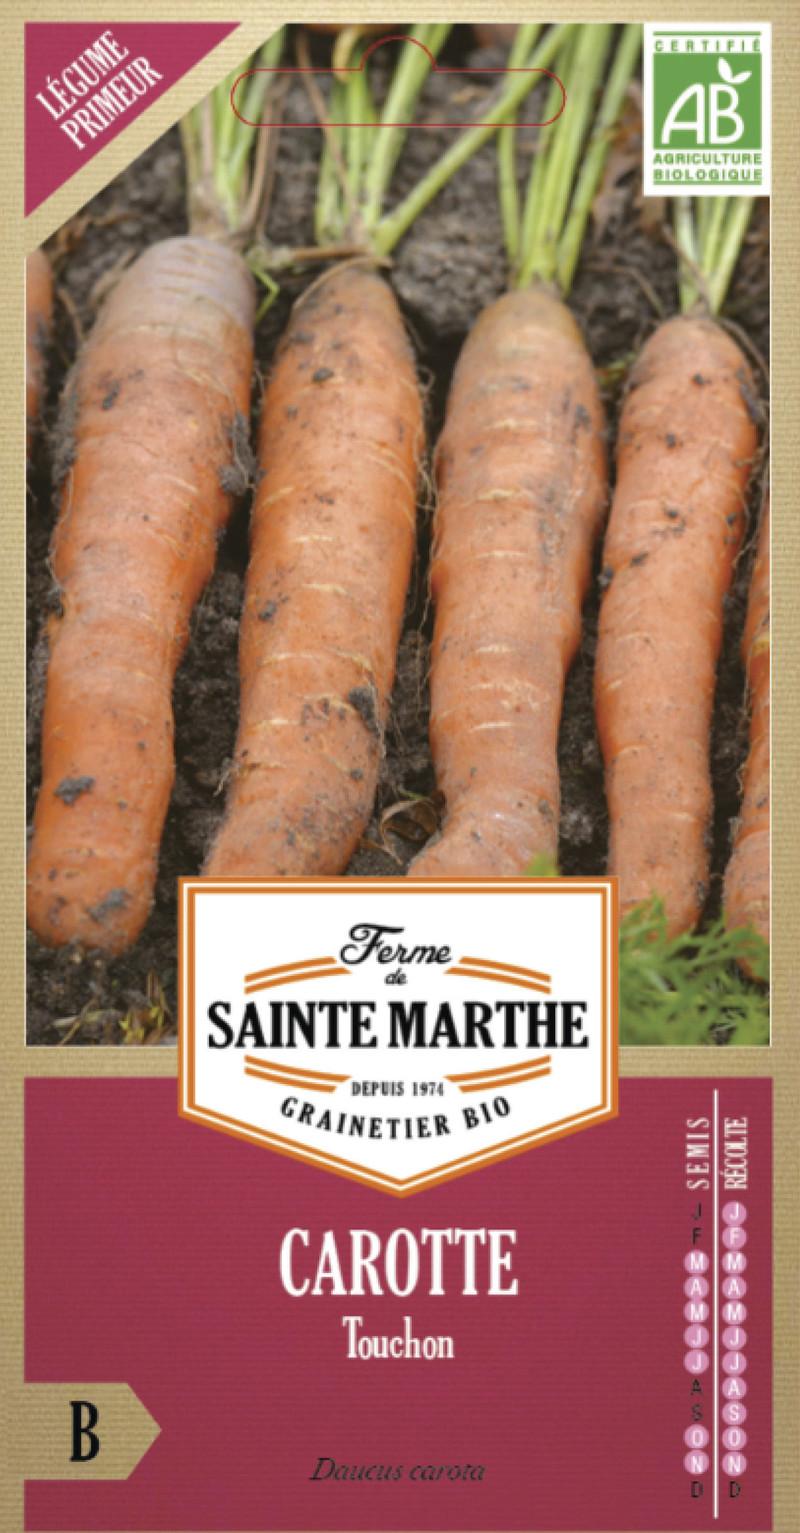 carotte touchon bio la ferme de sainte marthe graine semence potager sachet semis - Voir en grand